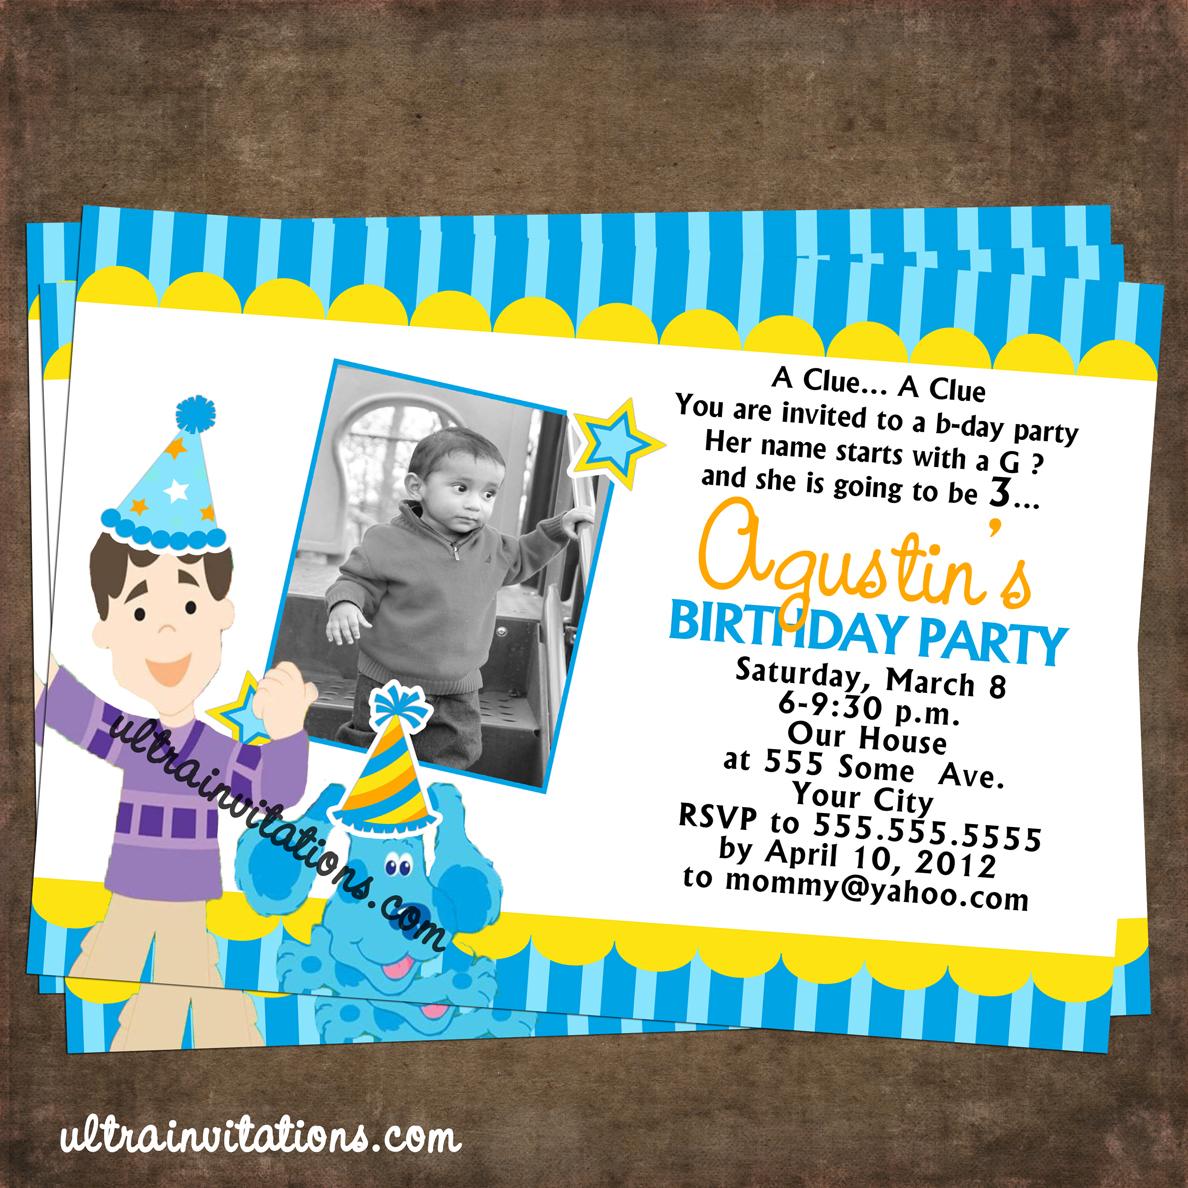 Ultra Invitations: blues clues invitations birthday photo ...